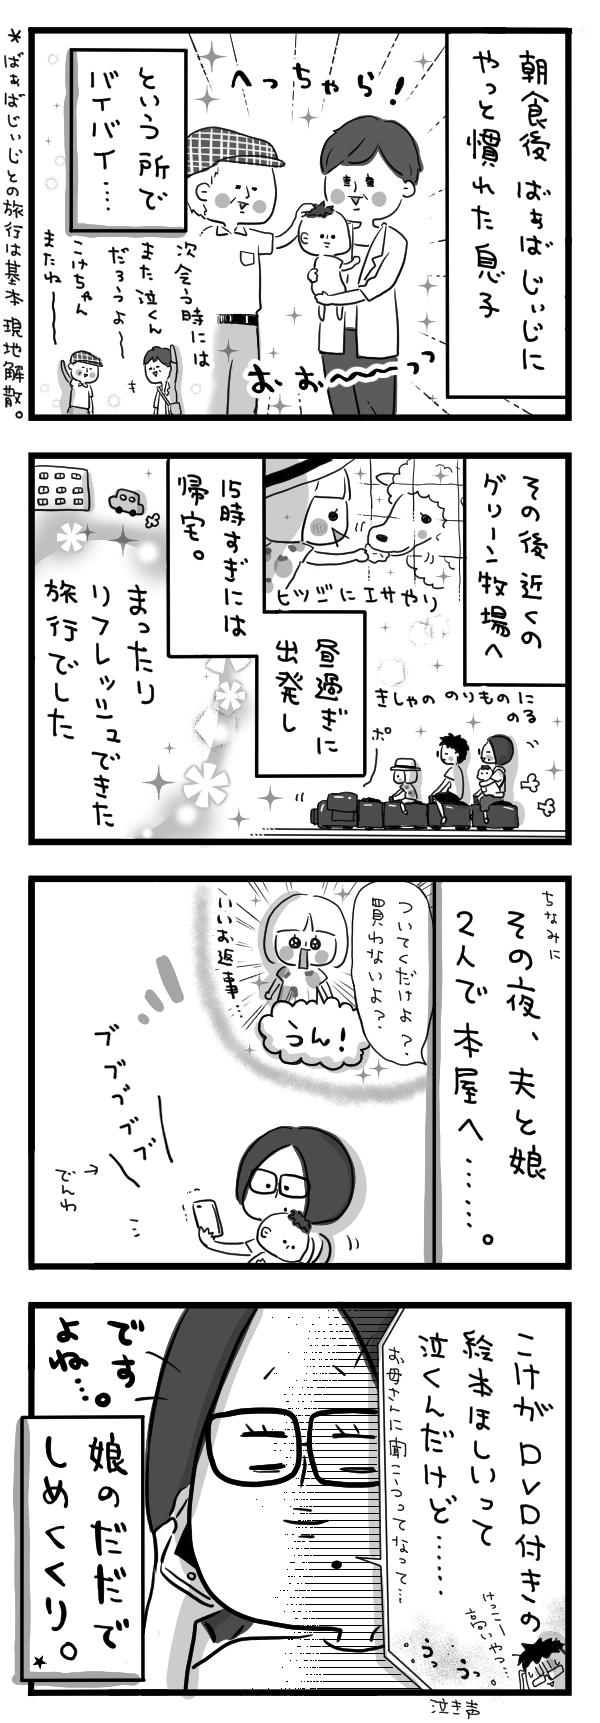 194 ばぁばじぃじと伊香保旅行。4png